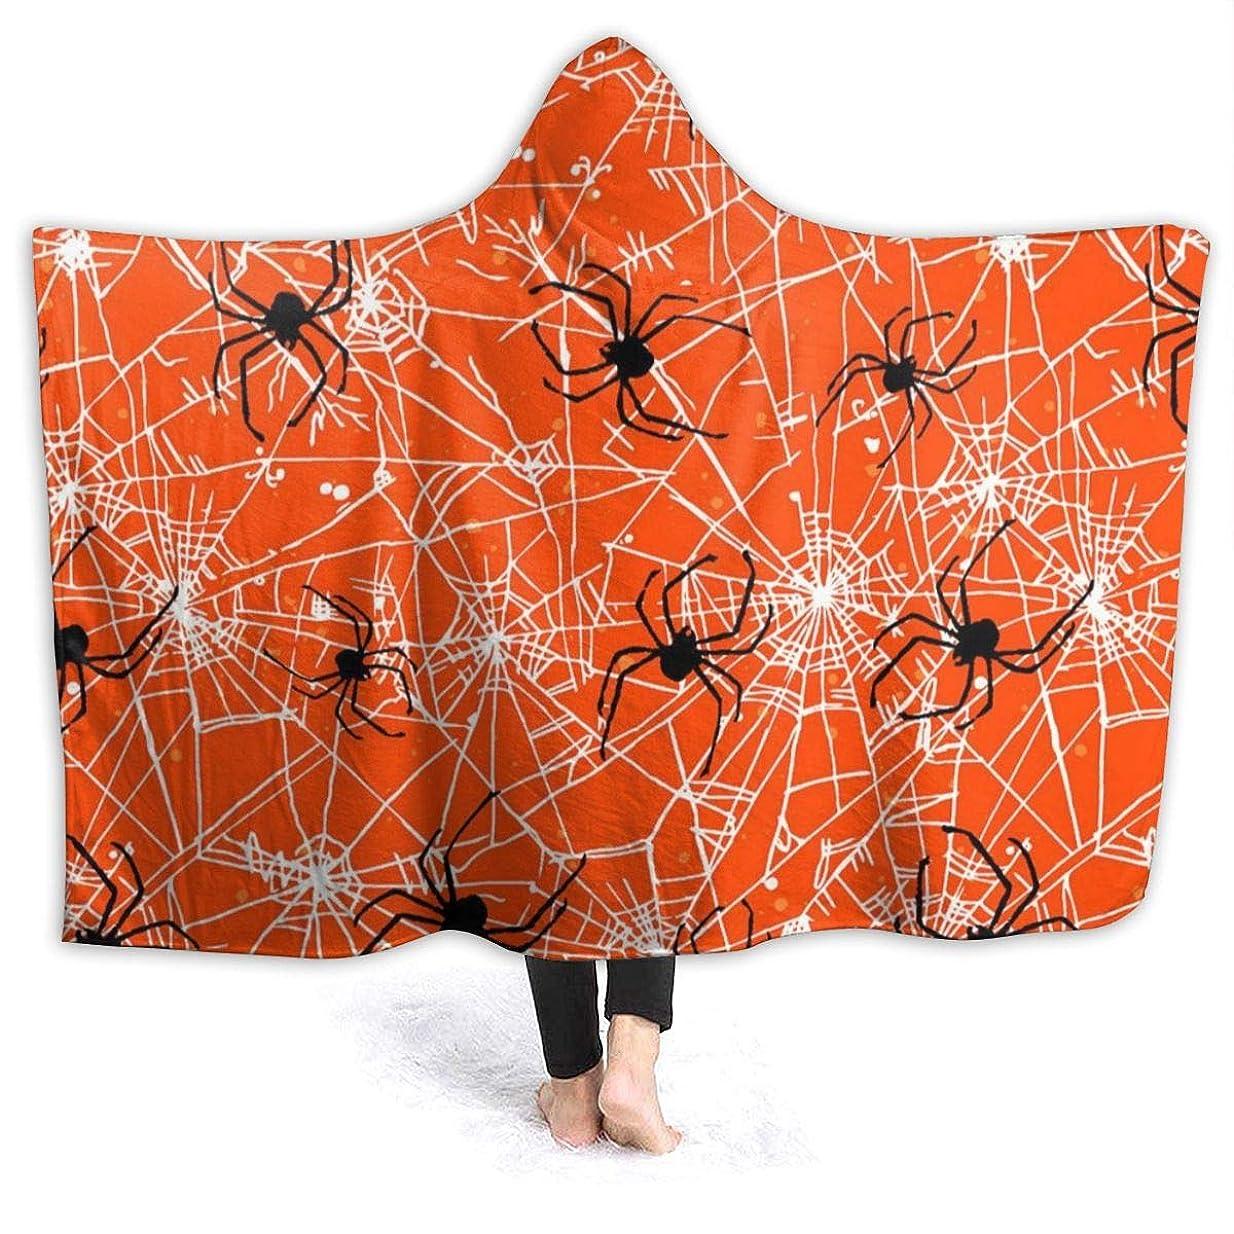 用心すると闘う可動YONHXJLAZ Orange Spiders Halloween Fabric 毛布 フード付き ブランケット 大判 タオルケット厚手 オールシーズン快適 軽量 抗菌防臭 防ダニ加工 オシャレ 携帯用,車用,オフィス用